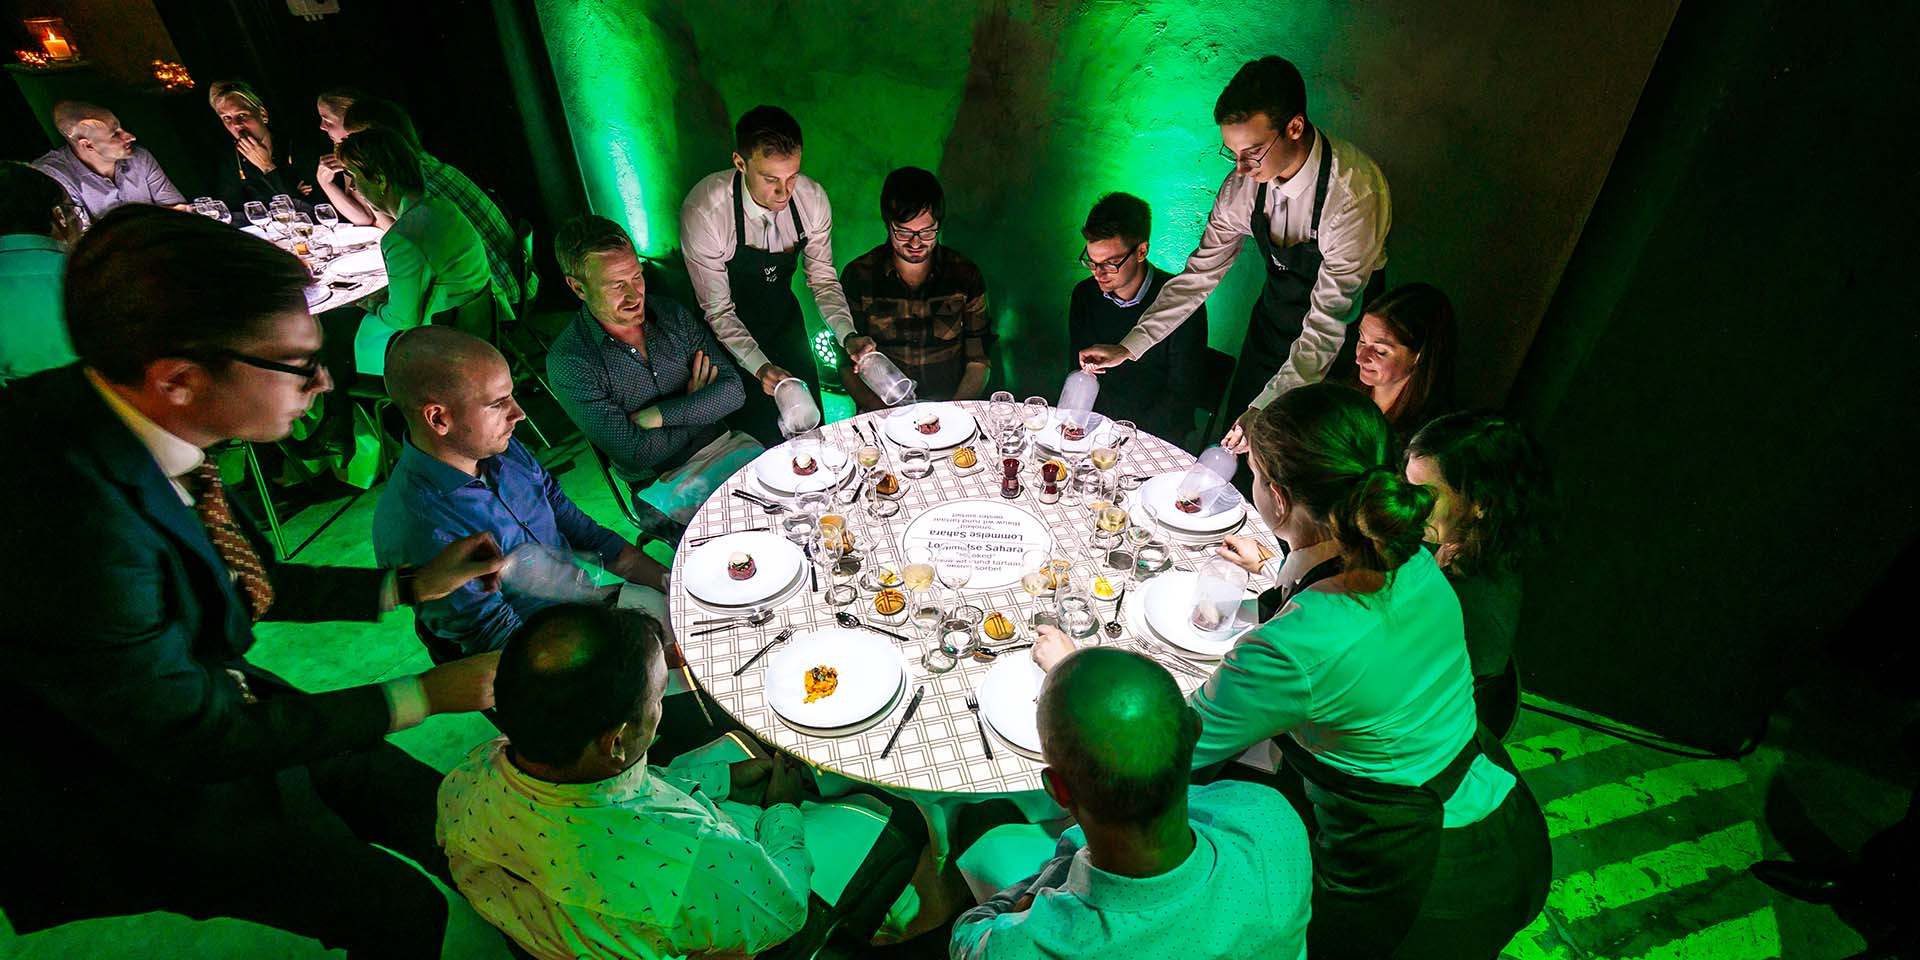 Stijfjes souperen? Verwonder je gasten liever met een fenomenaal feestmaal!